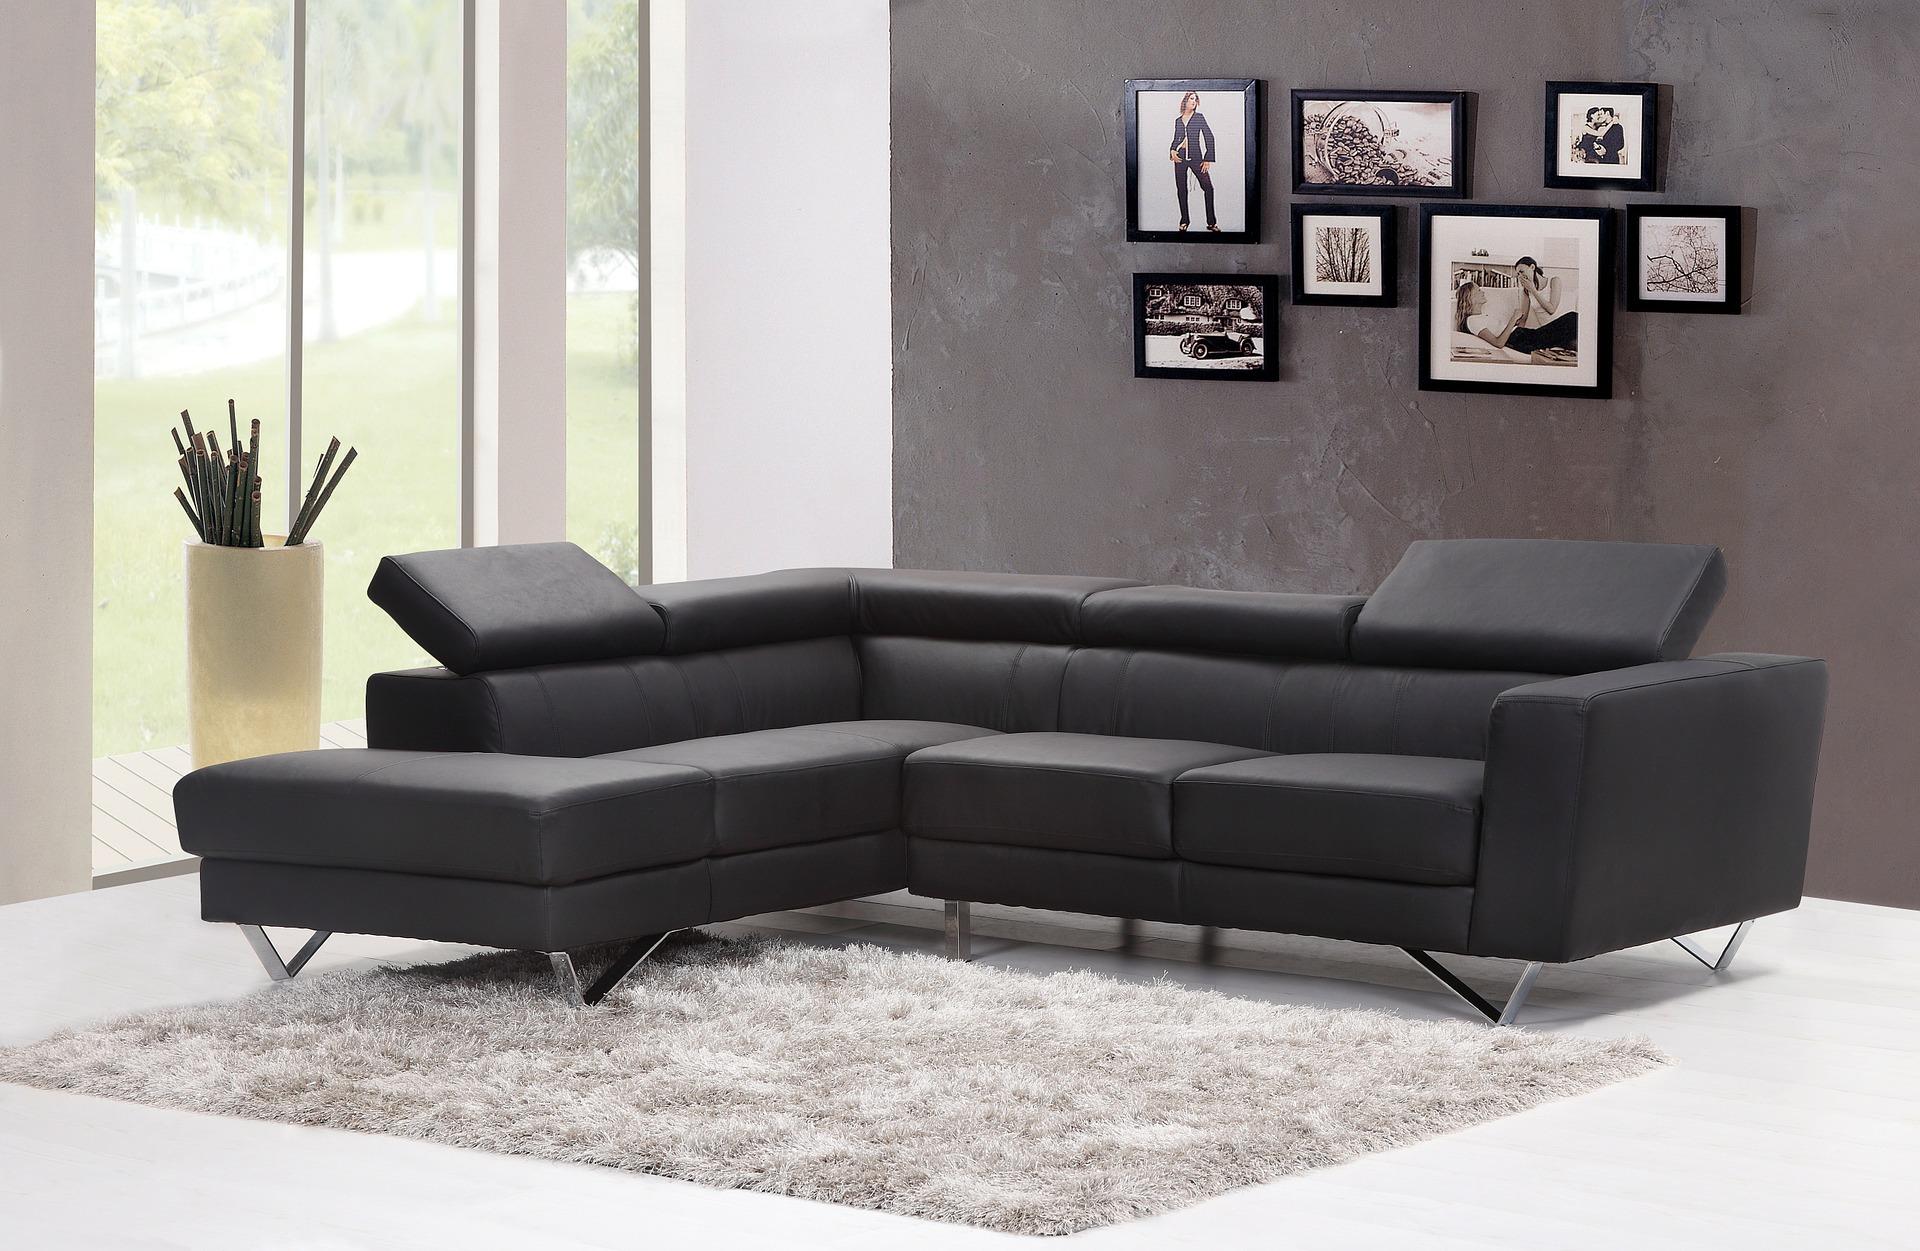 为何流行意式极简沙发,市场行情告诉你